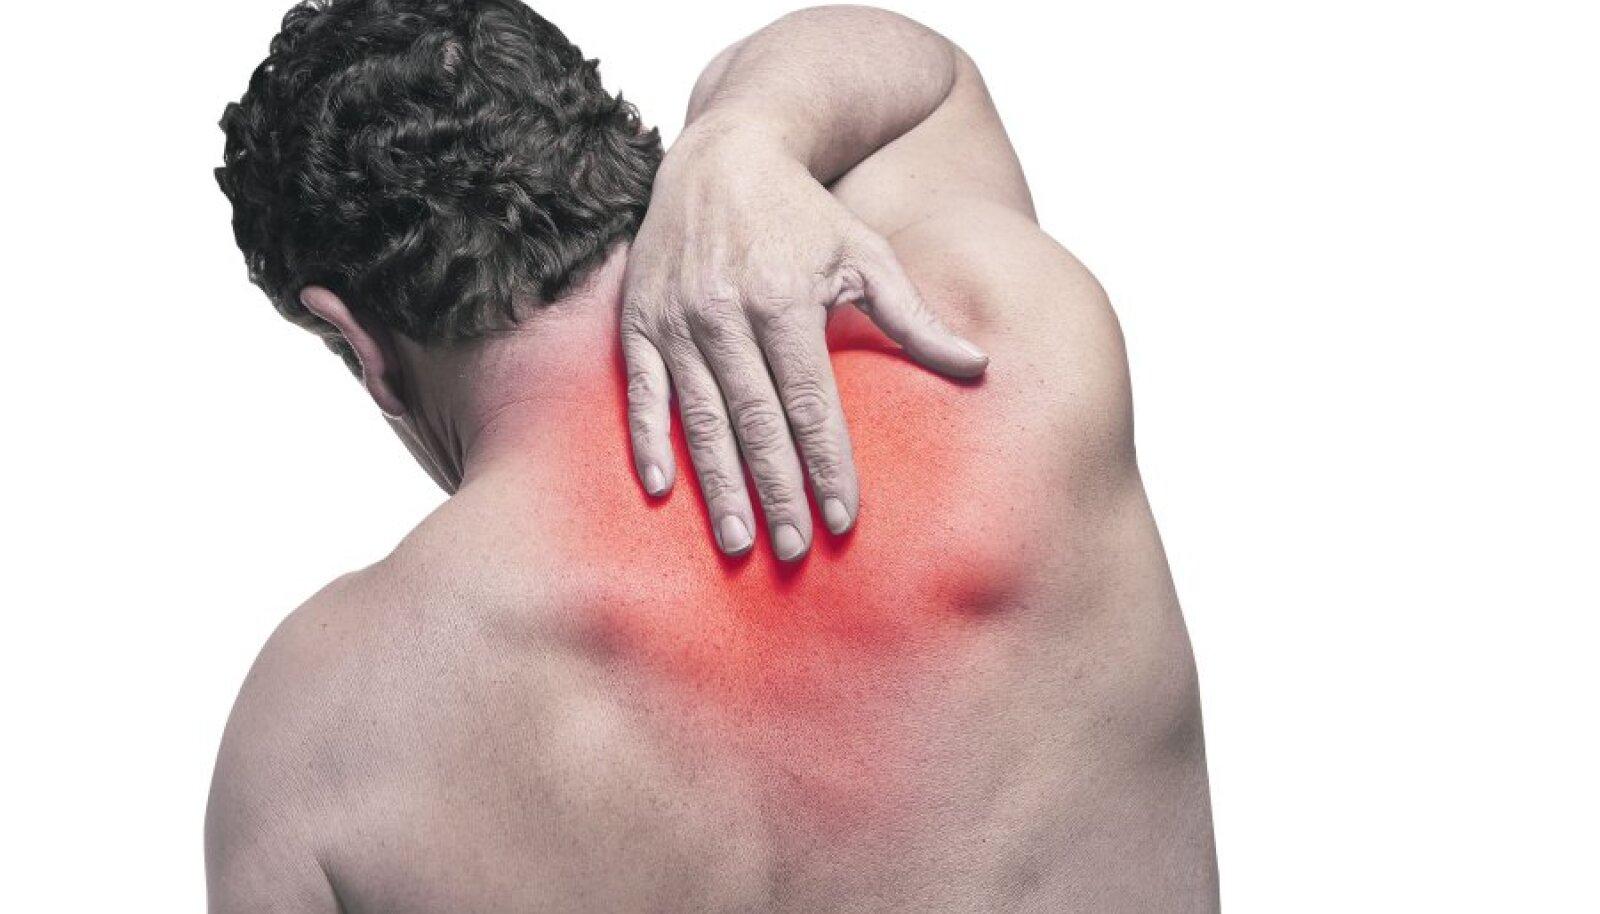 salvi kasitsi liigeste harja jaoks ravi menovazin liigestega